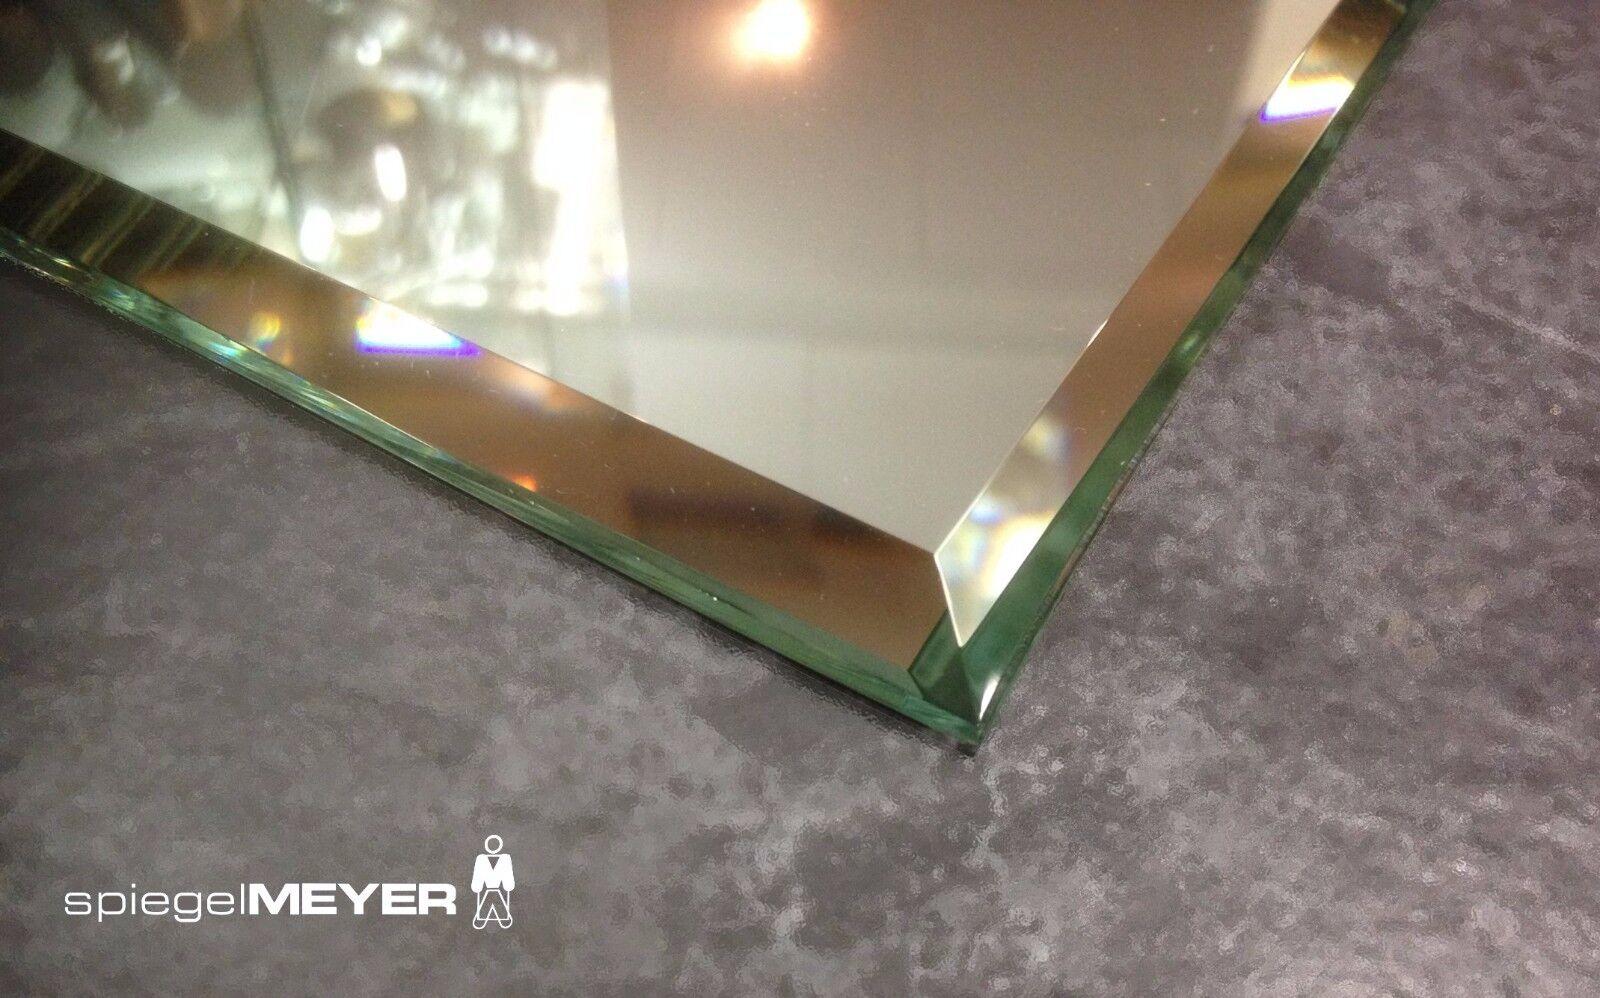 SPIEGEL Kristallspiegel Badspiegel Wandspiegel Design STEILFACETTE Facette